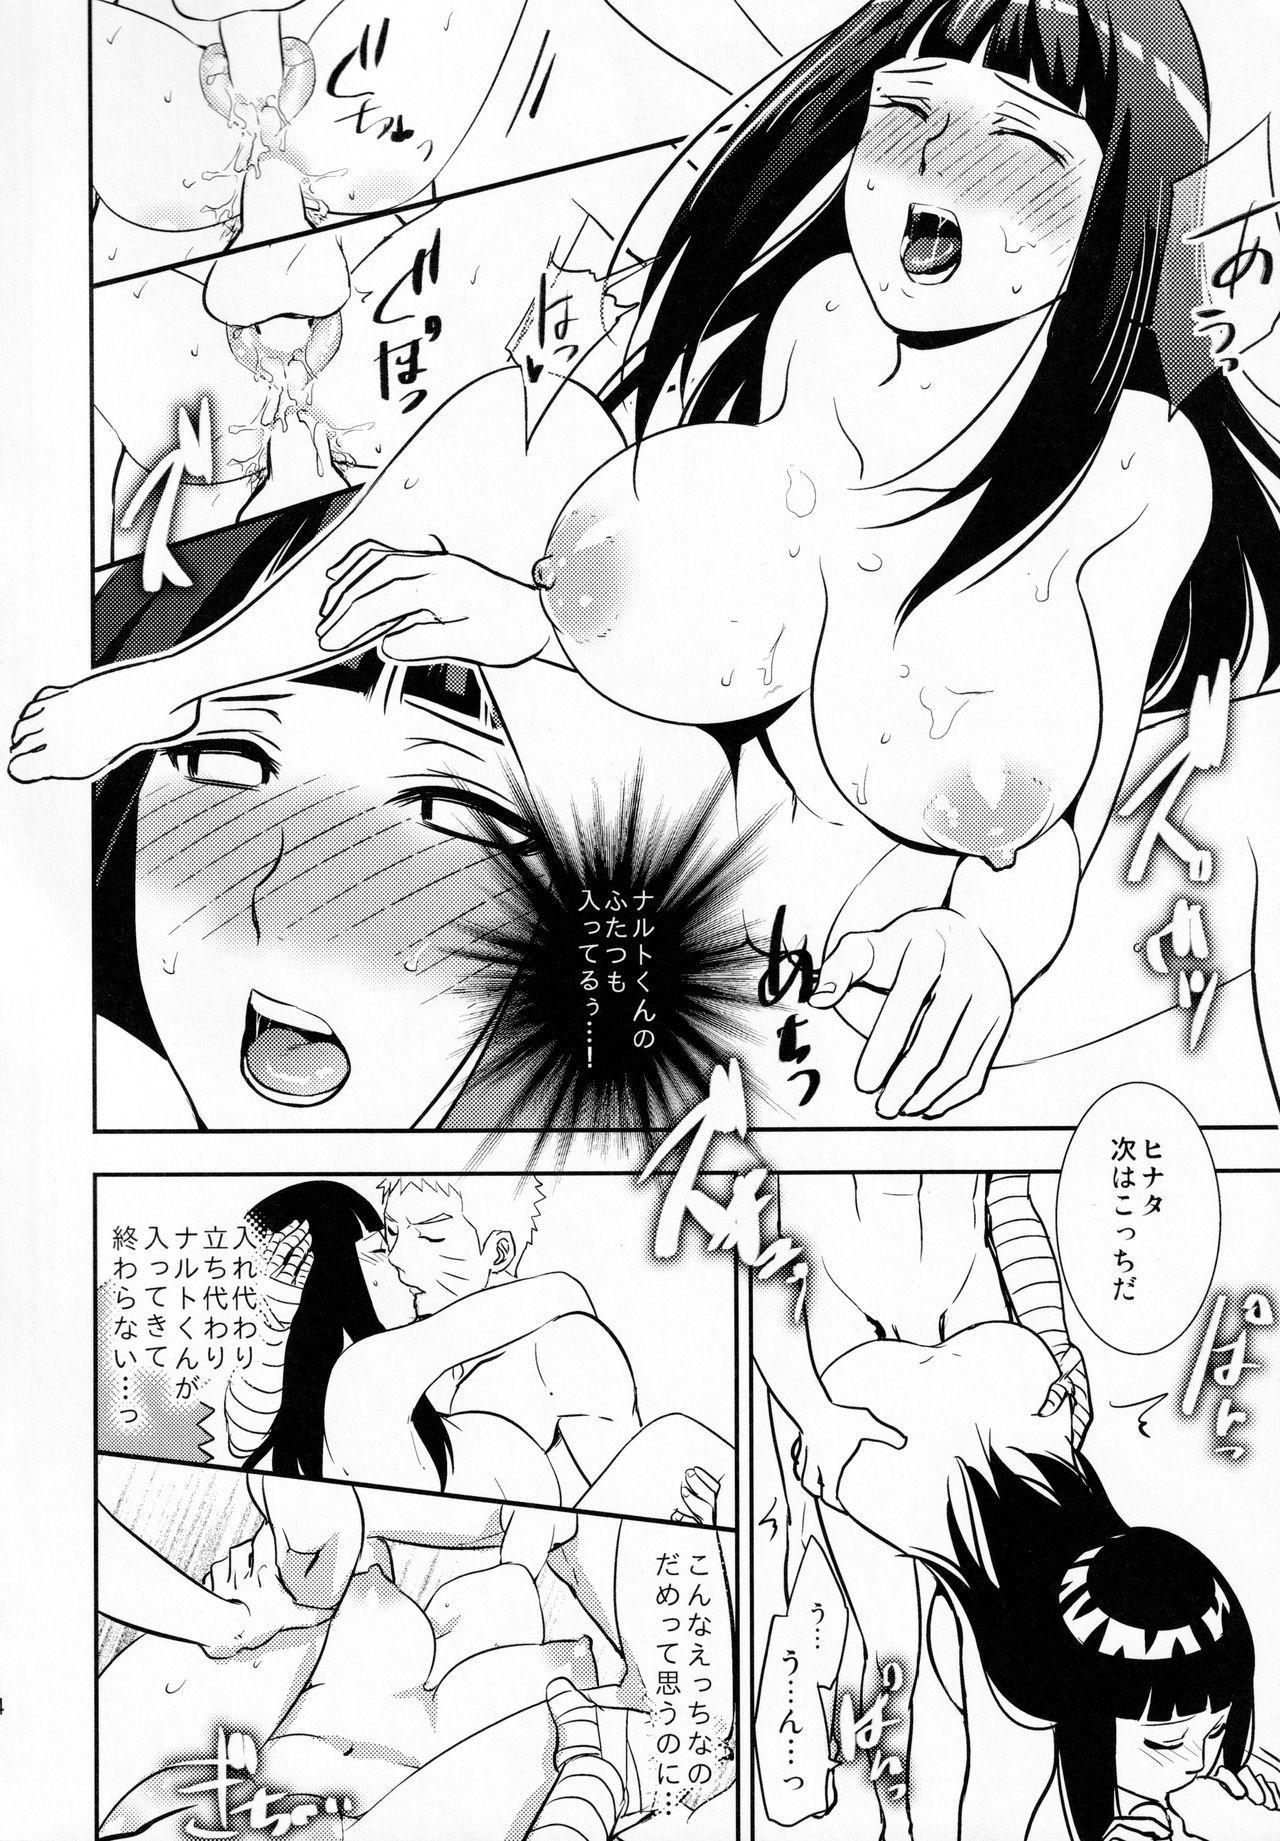 Naruto-kun ni Onegai Saretara Kotowarenai 42